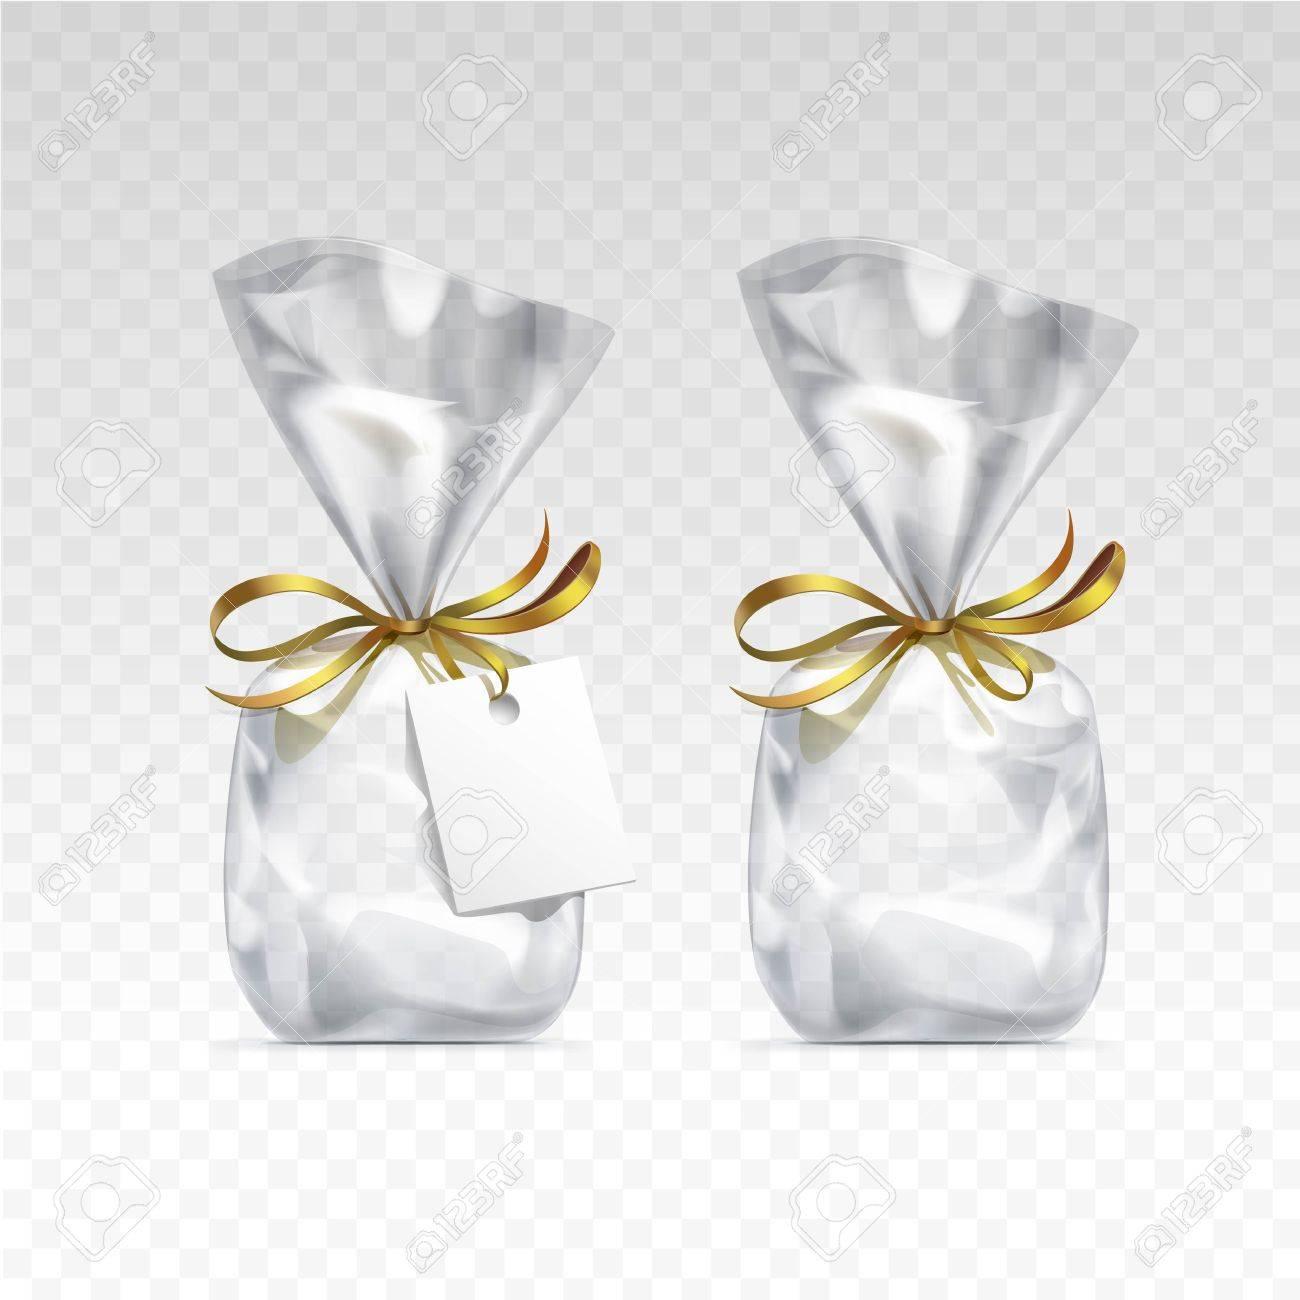 2edc9341f Foto de archivo - Vector vacío bolsas de plástico transparentes para el  diseño de regalo paquete con cintas de oro y etiqueta en blanco de cerca  aislado en ...